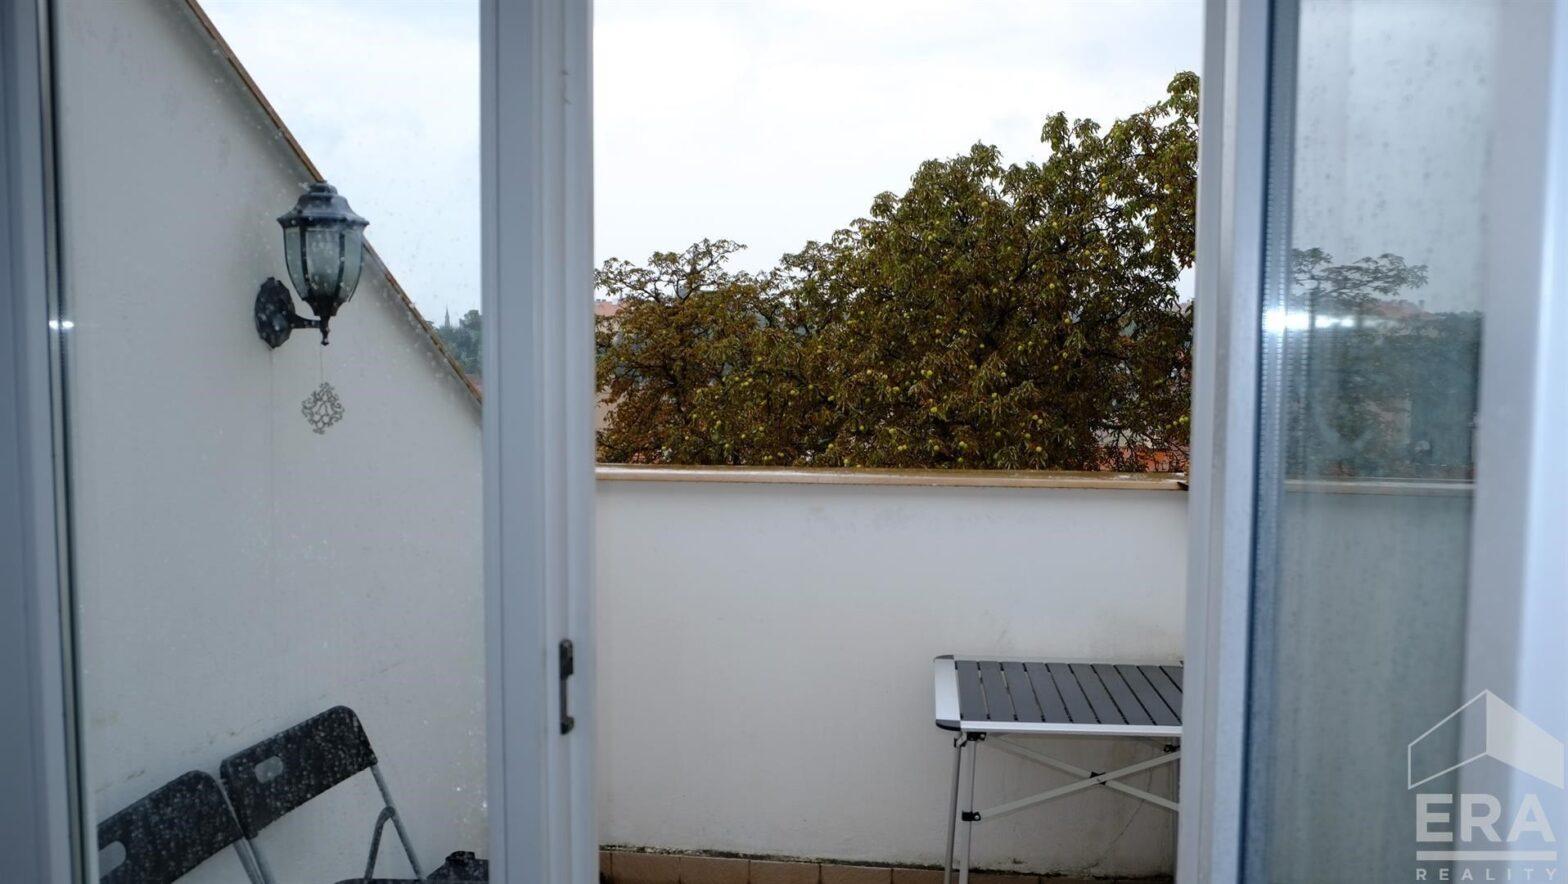 Pronájem krásného, podkrovního bytu 3+1+ balkon, 84 m², s výhledem na Vyšehrad a Prahu 2             ul. Vratislavova 25, Praha                                                         17 300 Kč/měs